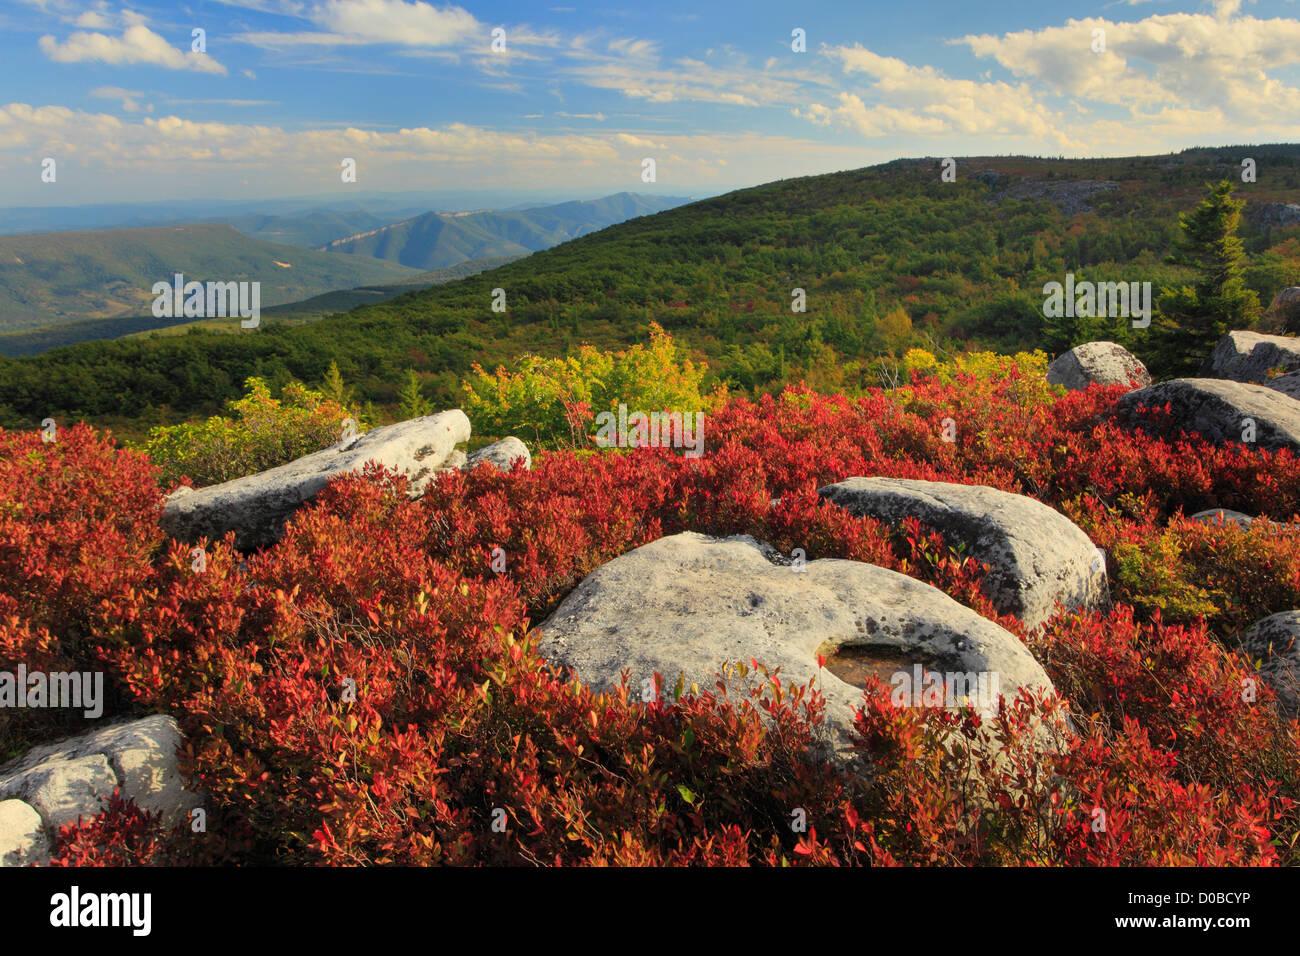 Bär-Felsen bewahren, Dolly Grassoden Wildnis, Hopeville, West Virginia, USA Stockbild